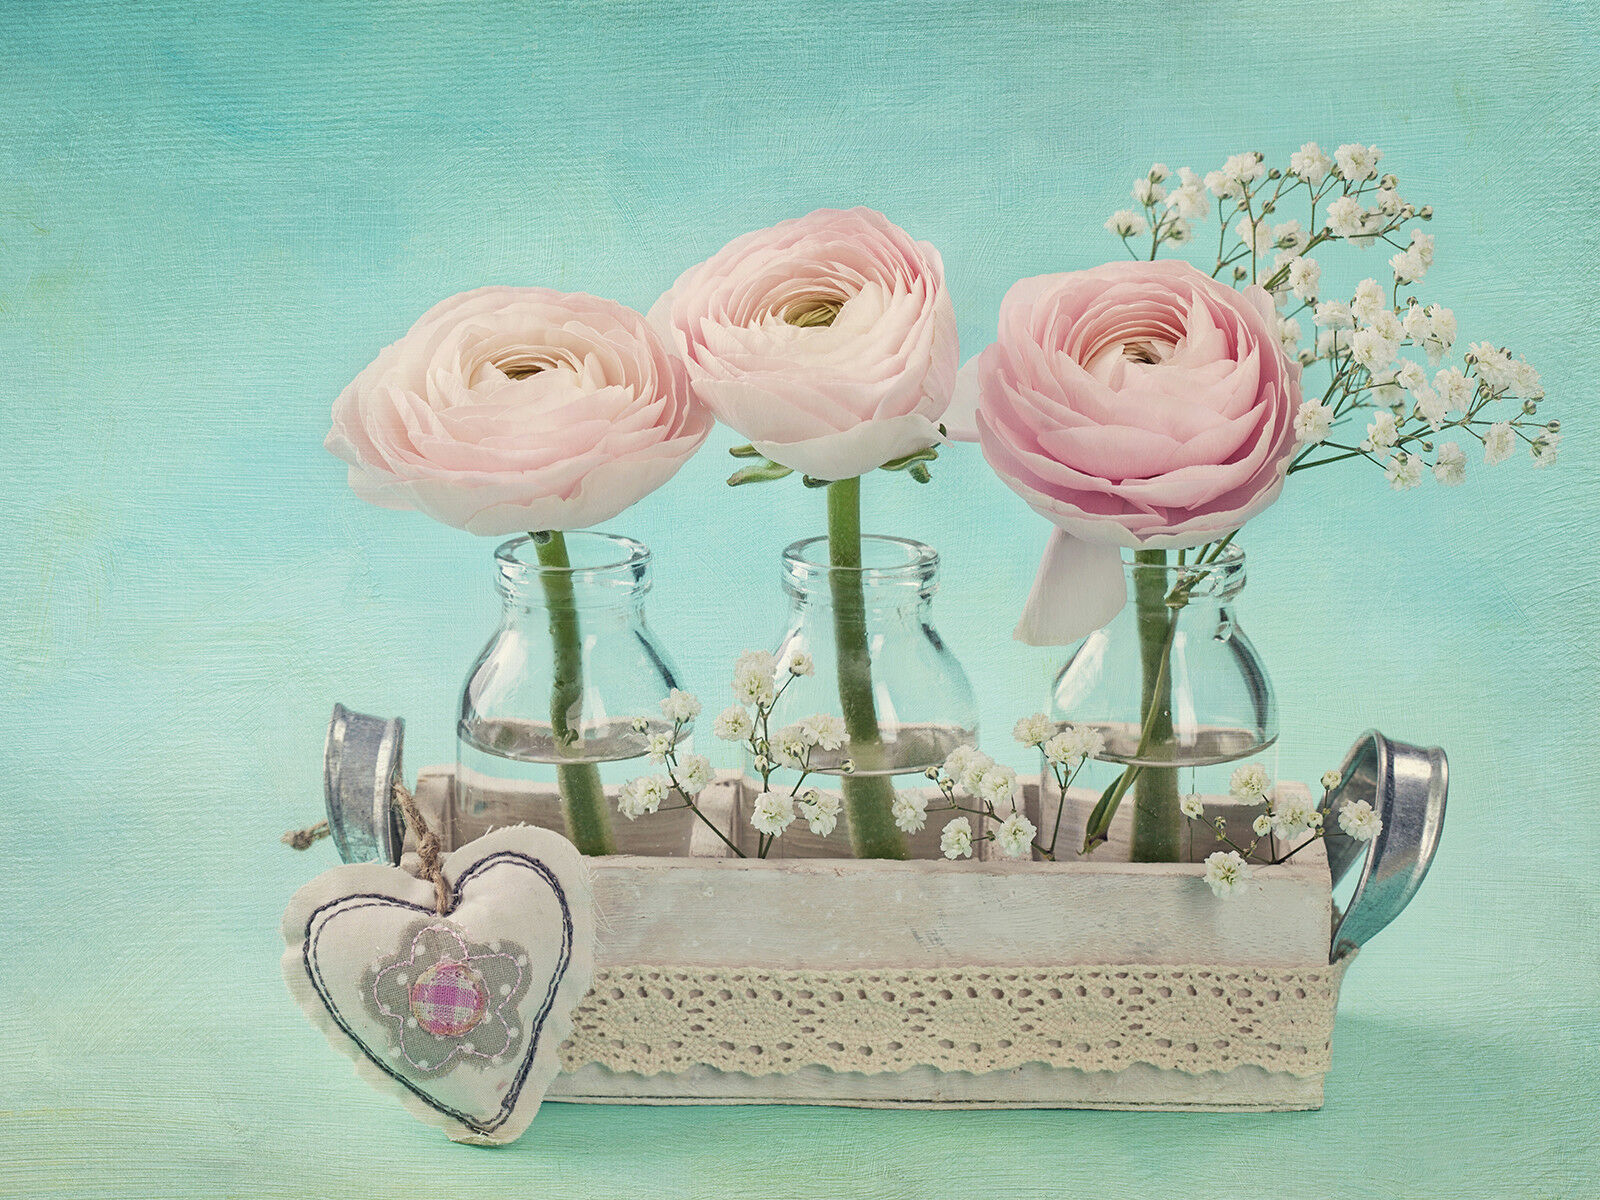 Trempé Trempé Trempé ESG verre Imprimé Photo Wall Art Photo Roses Rose Coeur Prizma GWA0332 d7889d